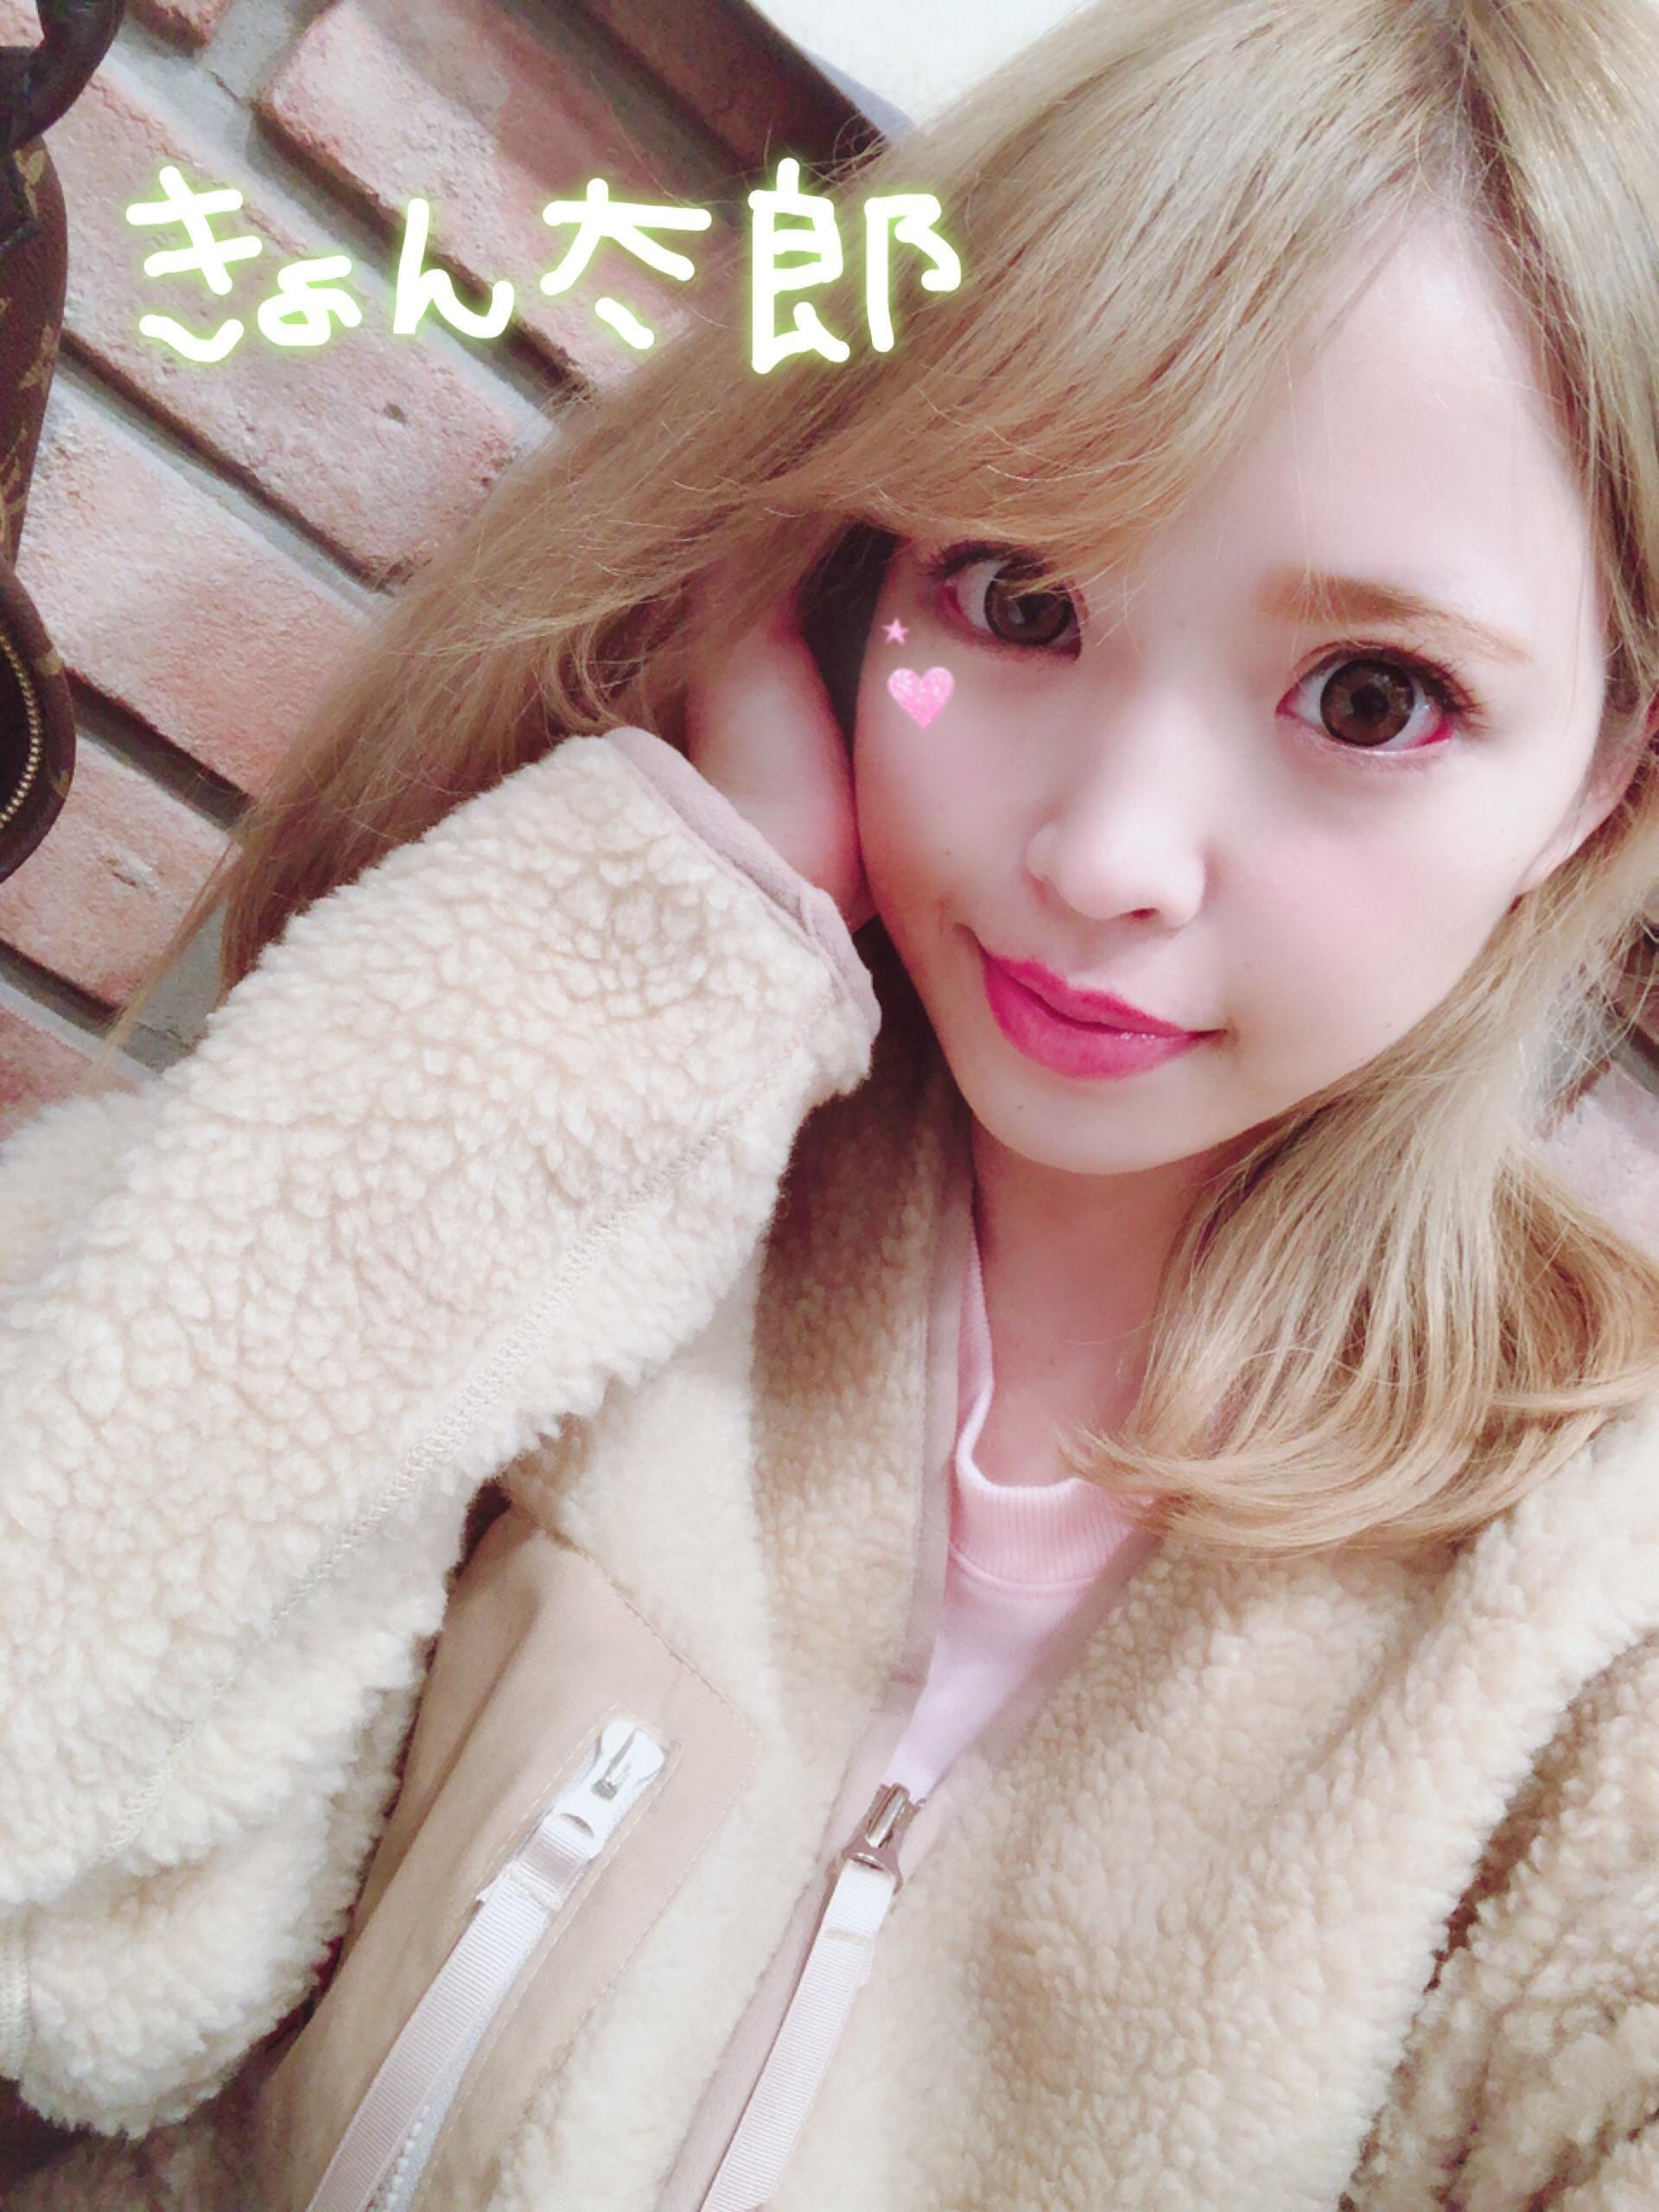 「◎おっすおれきょんたろ◎」01/14(月) 17:15 | KYONの写メ・風俗動画